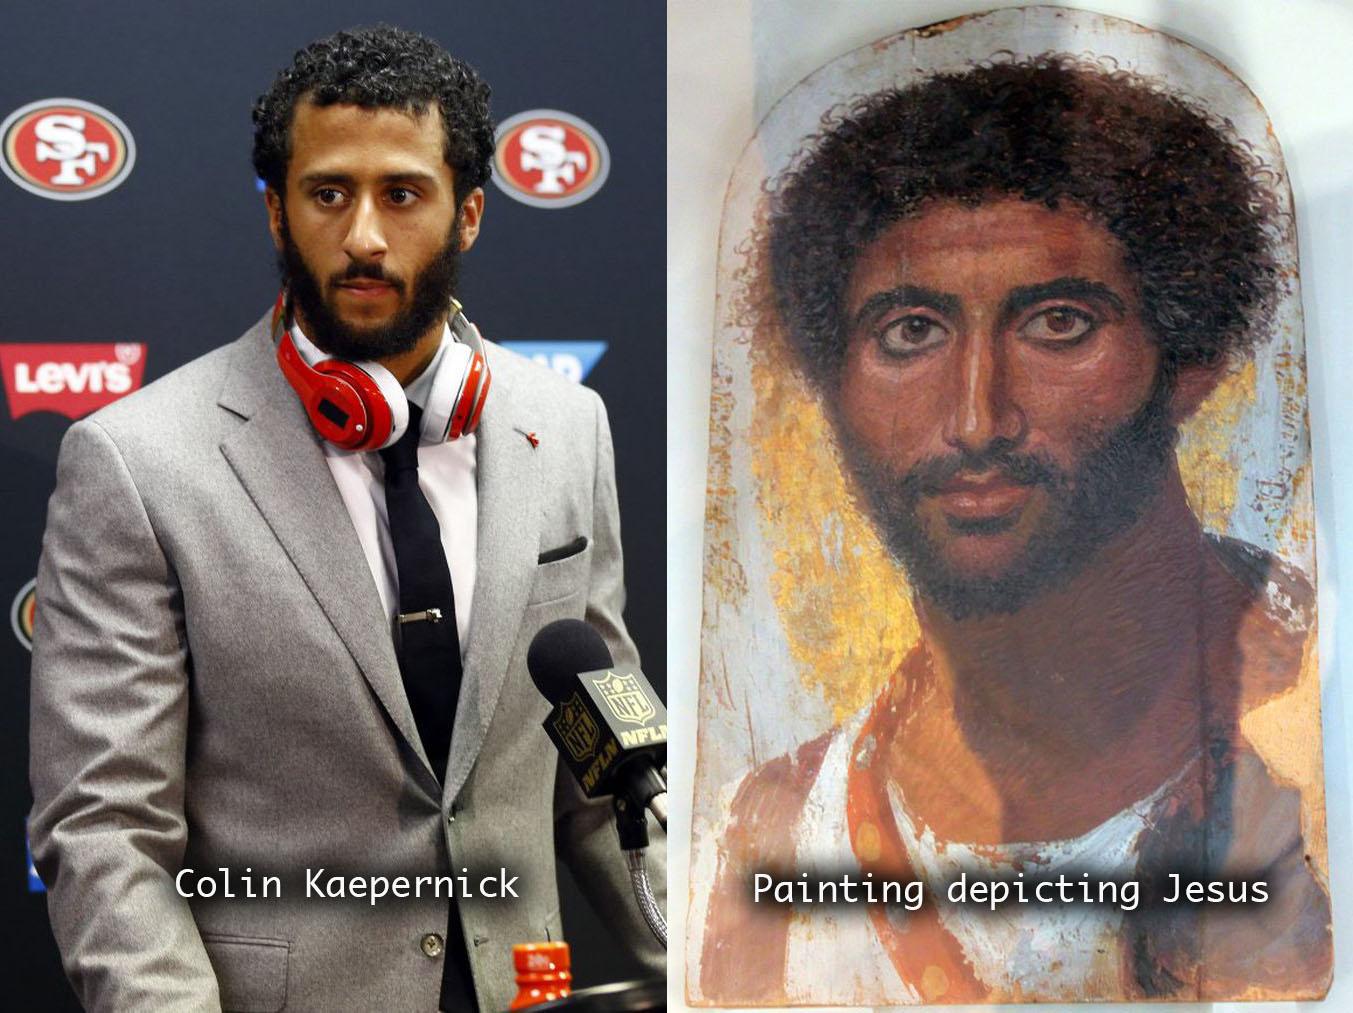 Do you think Colin Kaepernick looks like Jesus?